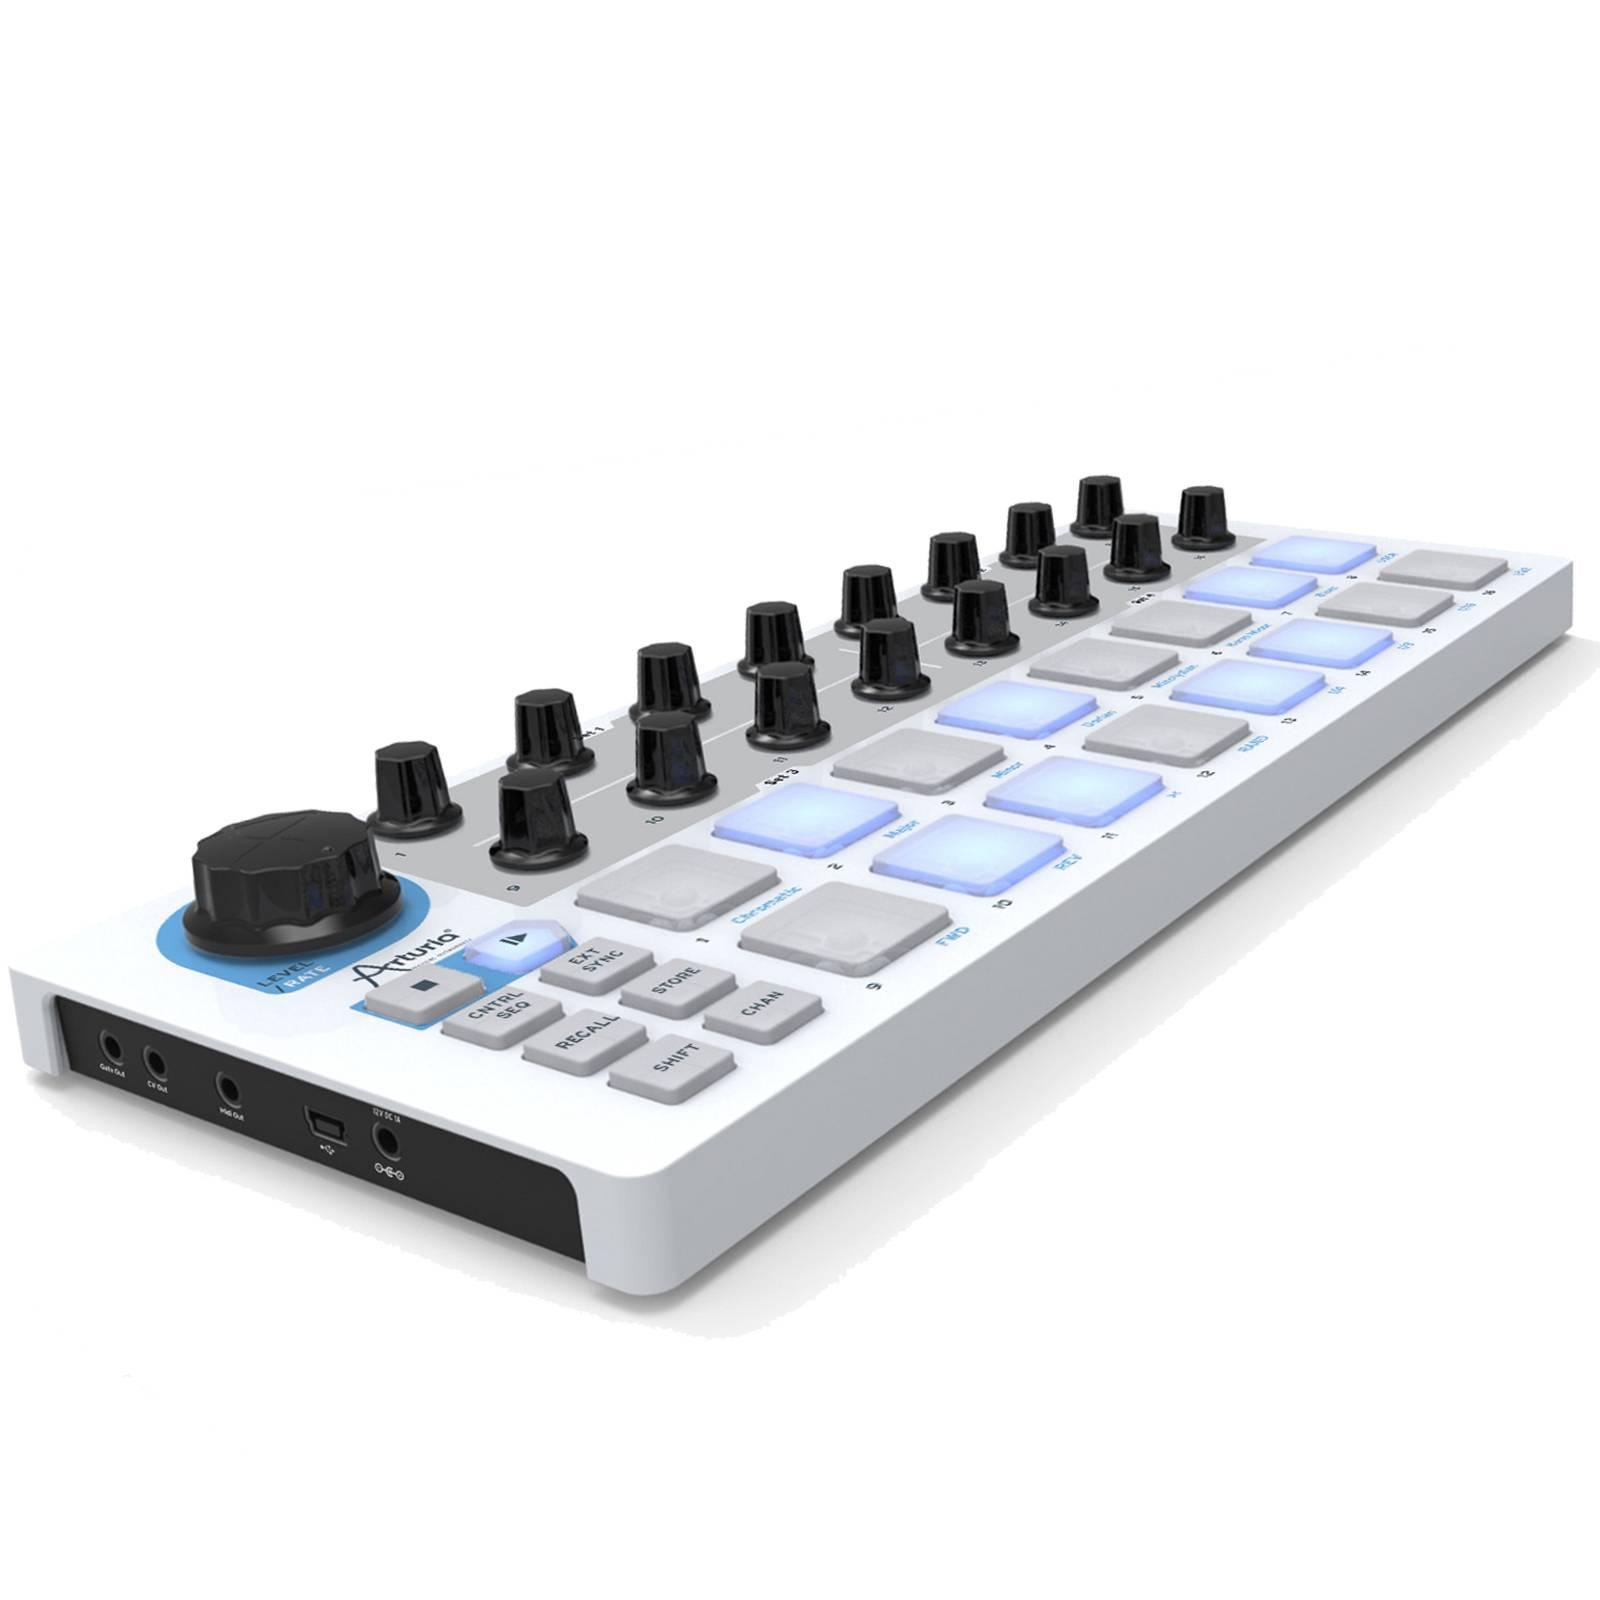 arturia beatstep step sequencer controller ebay. Black Bedroom Furniture Sets. Home Design Ideas